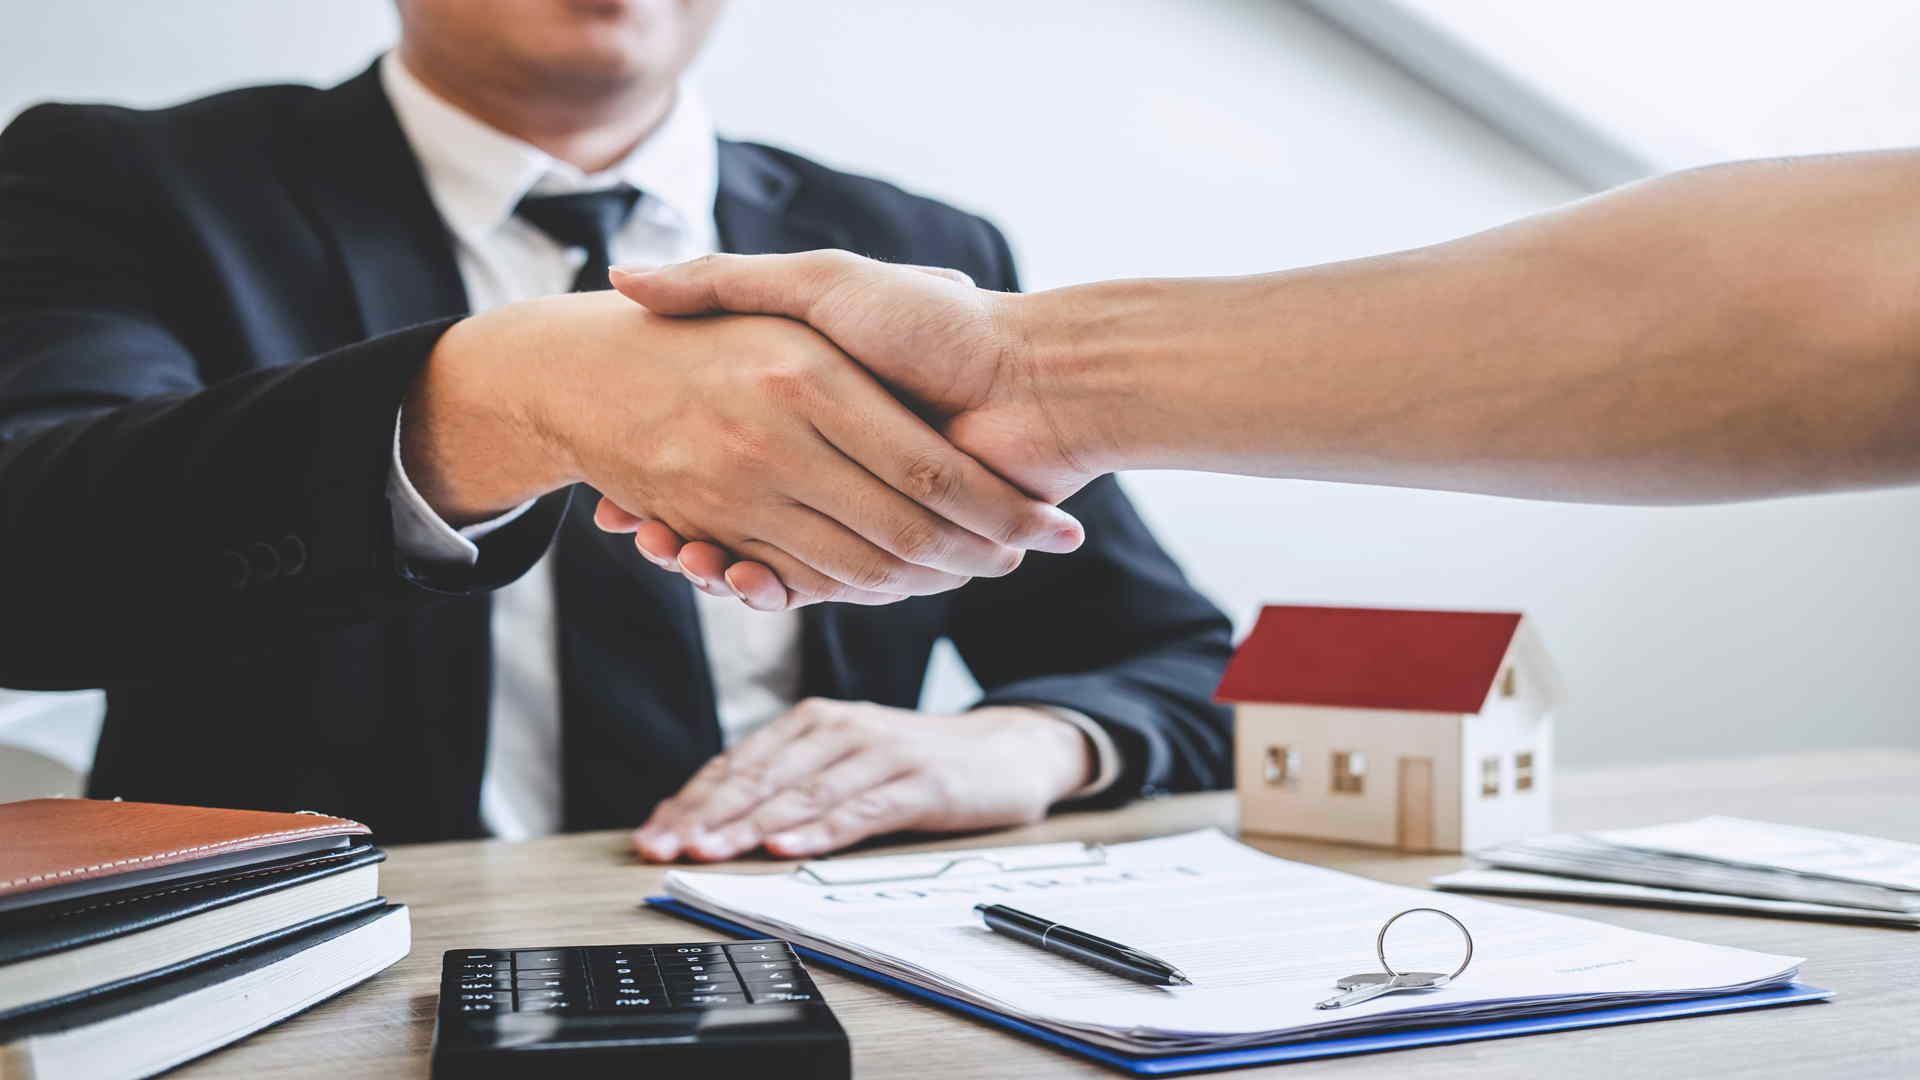 סגירת עסקה של משכנתא בדרגה שנייה